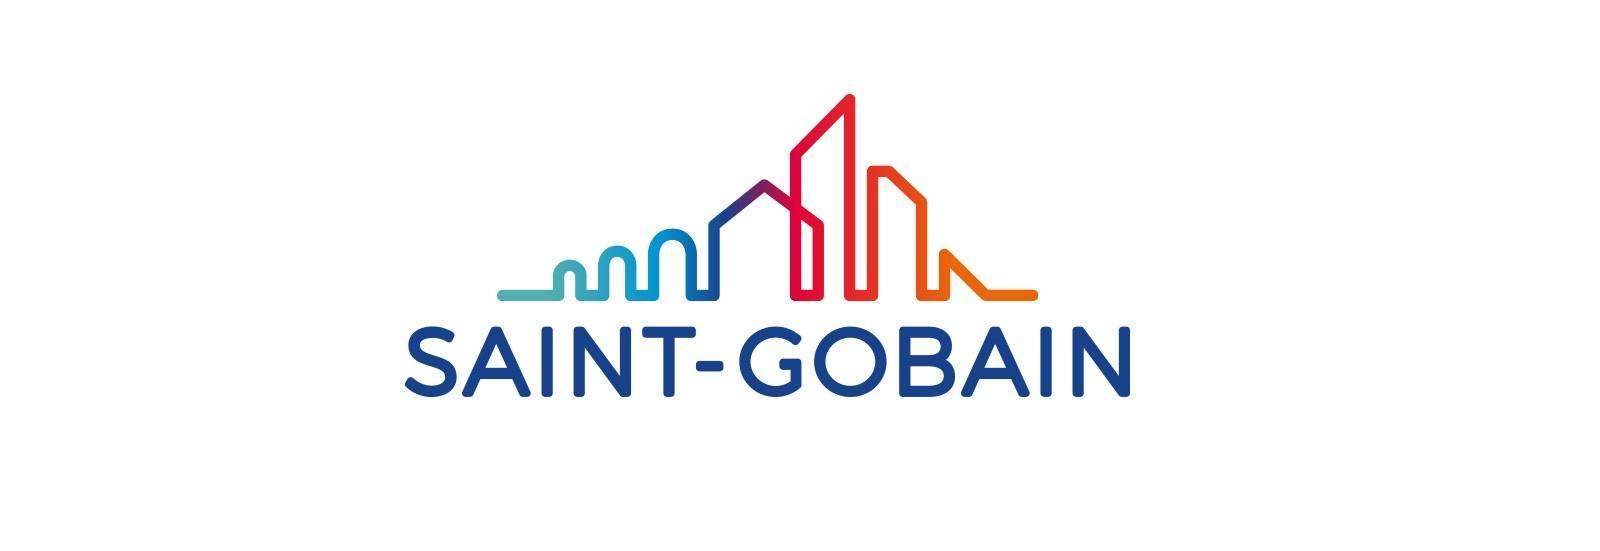 https://0201.nccdn.net/1_2/000/000/123/885/logo-saint-1600x551.jpg